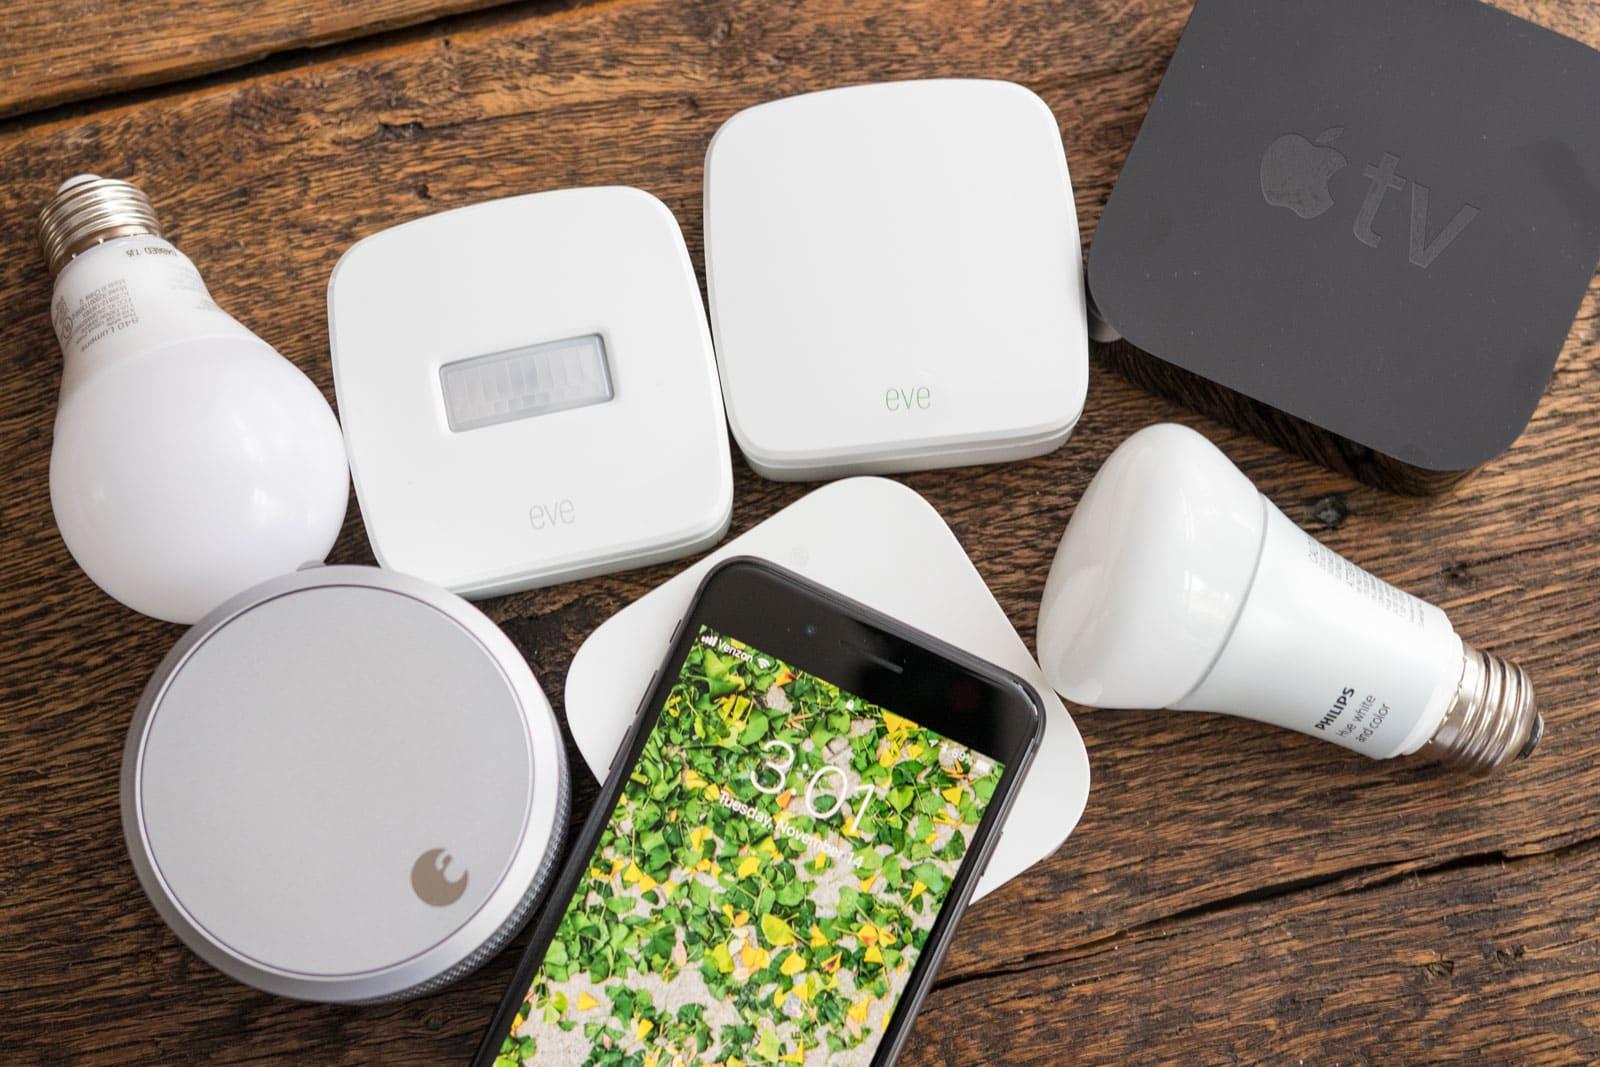 أفضل 10 أجهزة ذكية متوافقة مع HomeKit